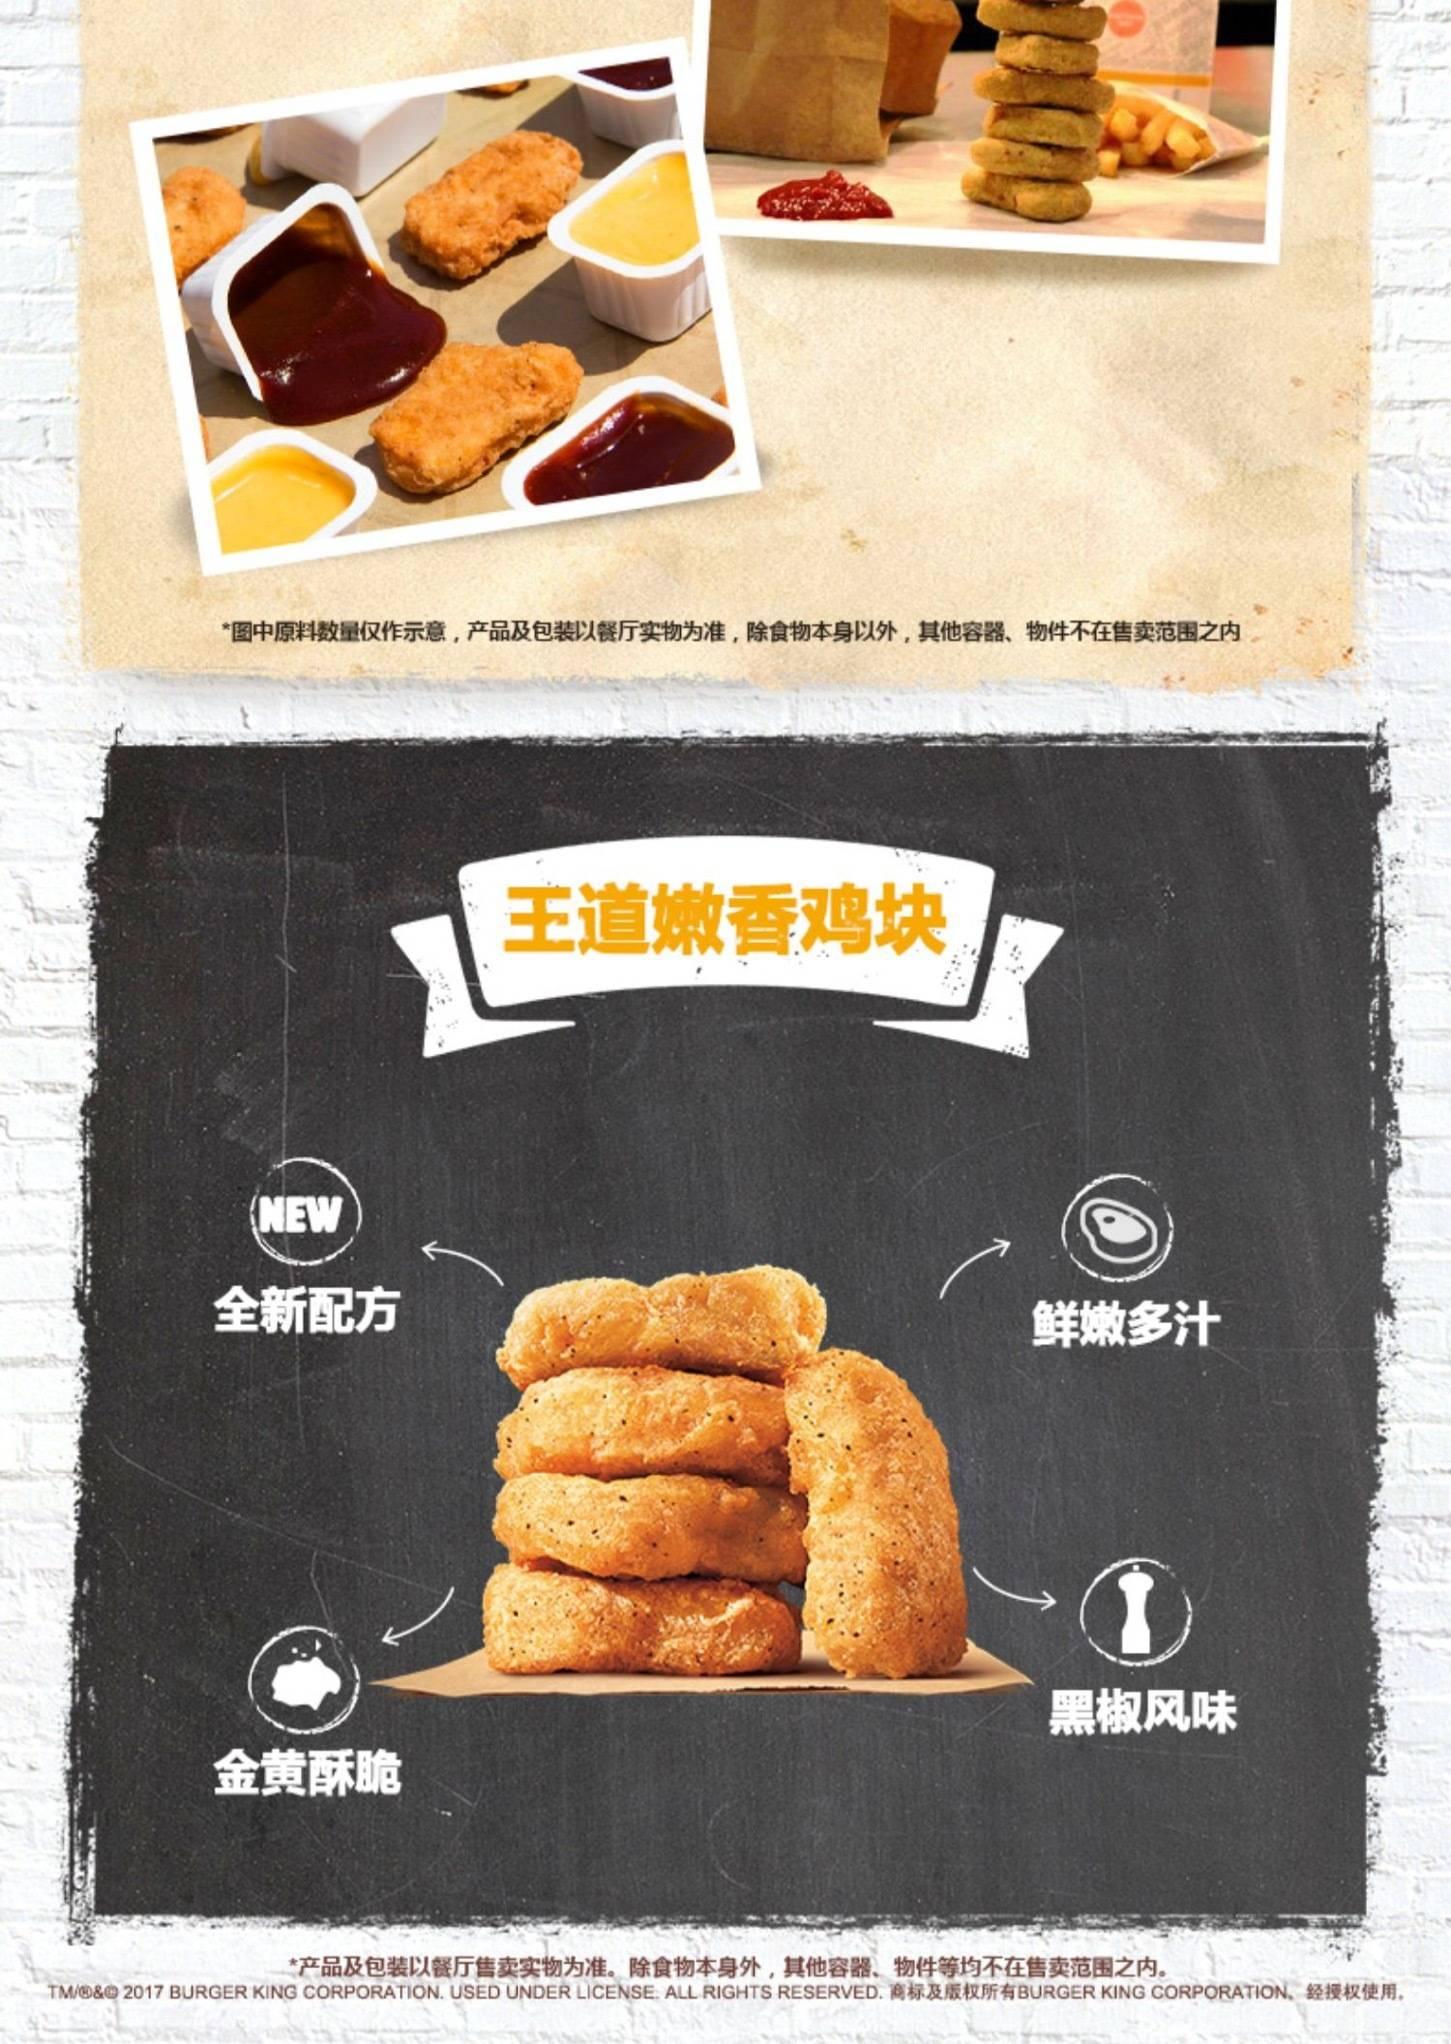 【汉堡王全国通用】官方出餐,47元抢汉堡王双人套餐,鸡腿堡+小皇堡+鸡块+果派+可乐~